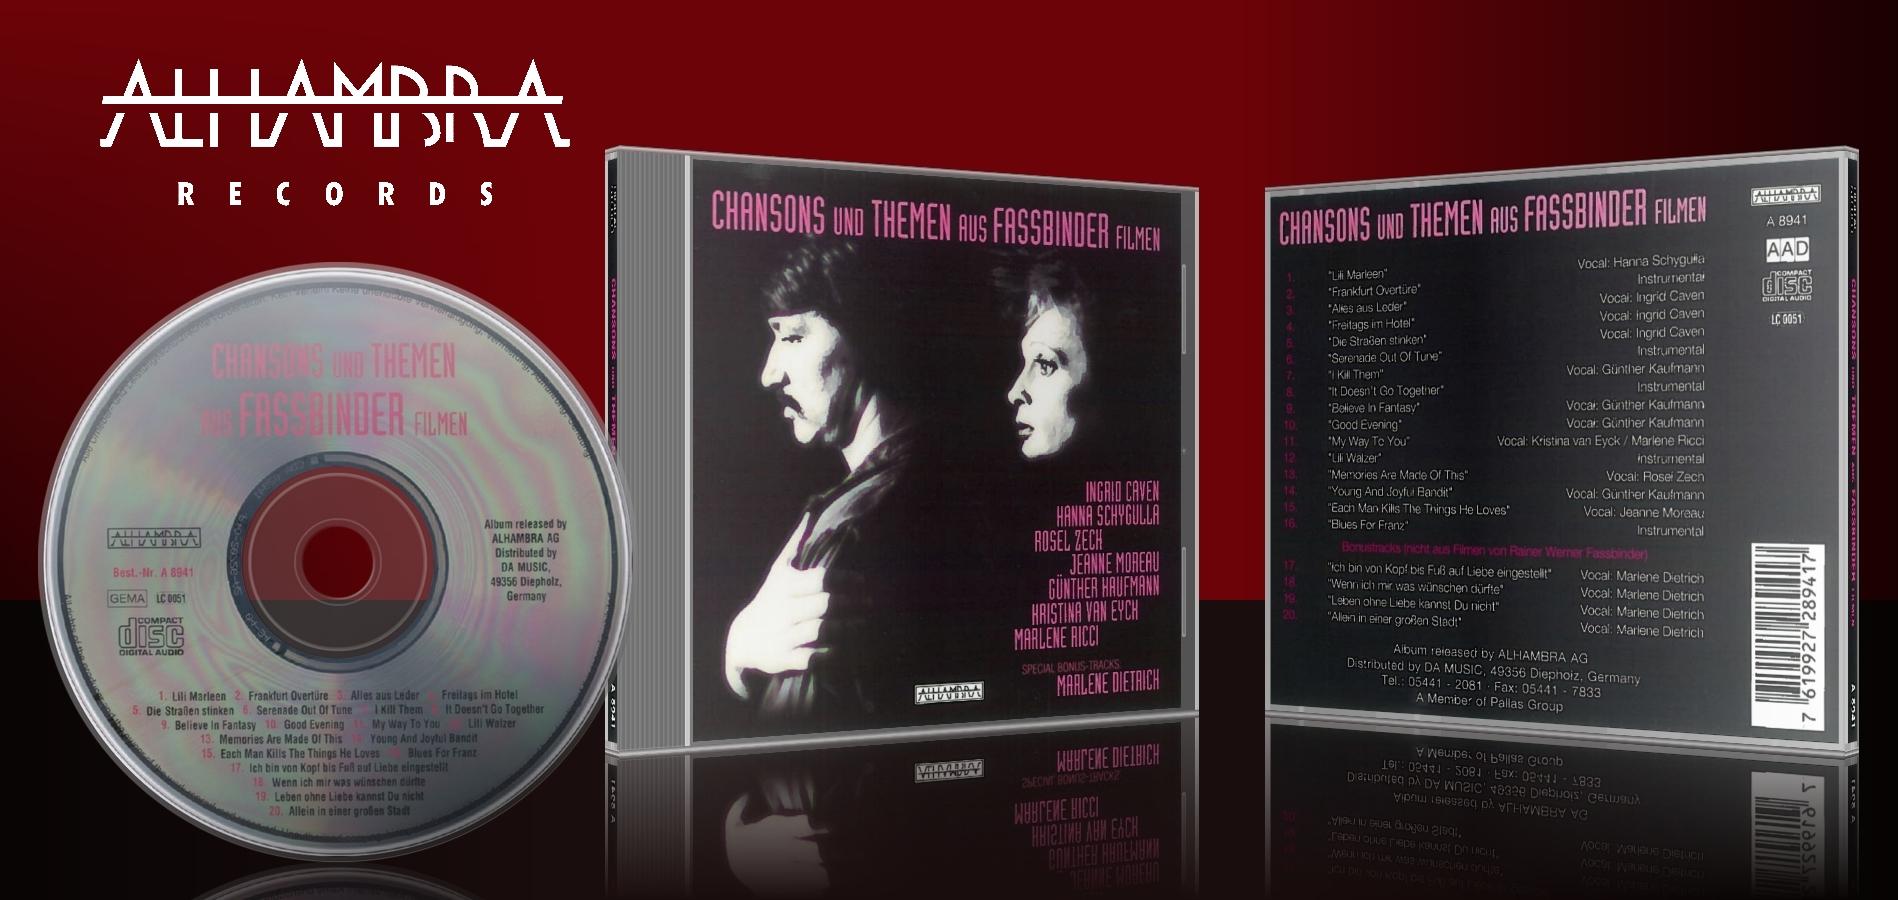 Chansons und Themen aus Fassbinder Filmen